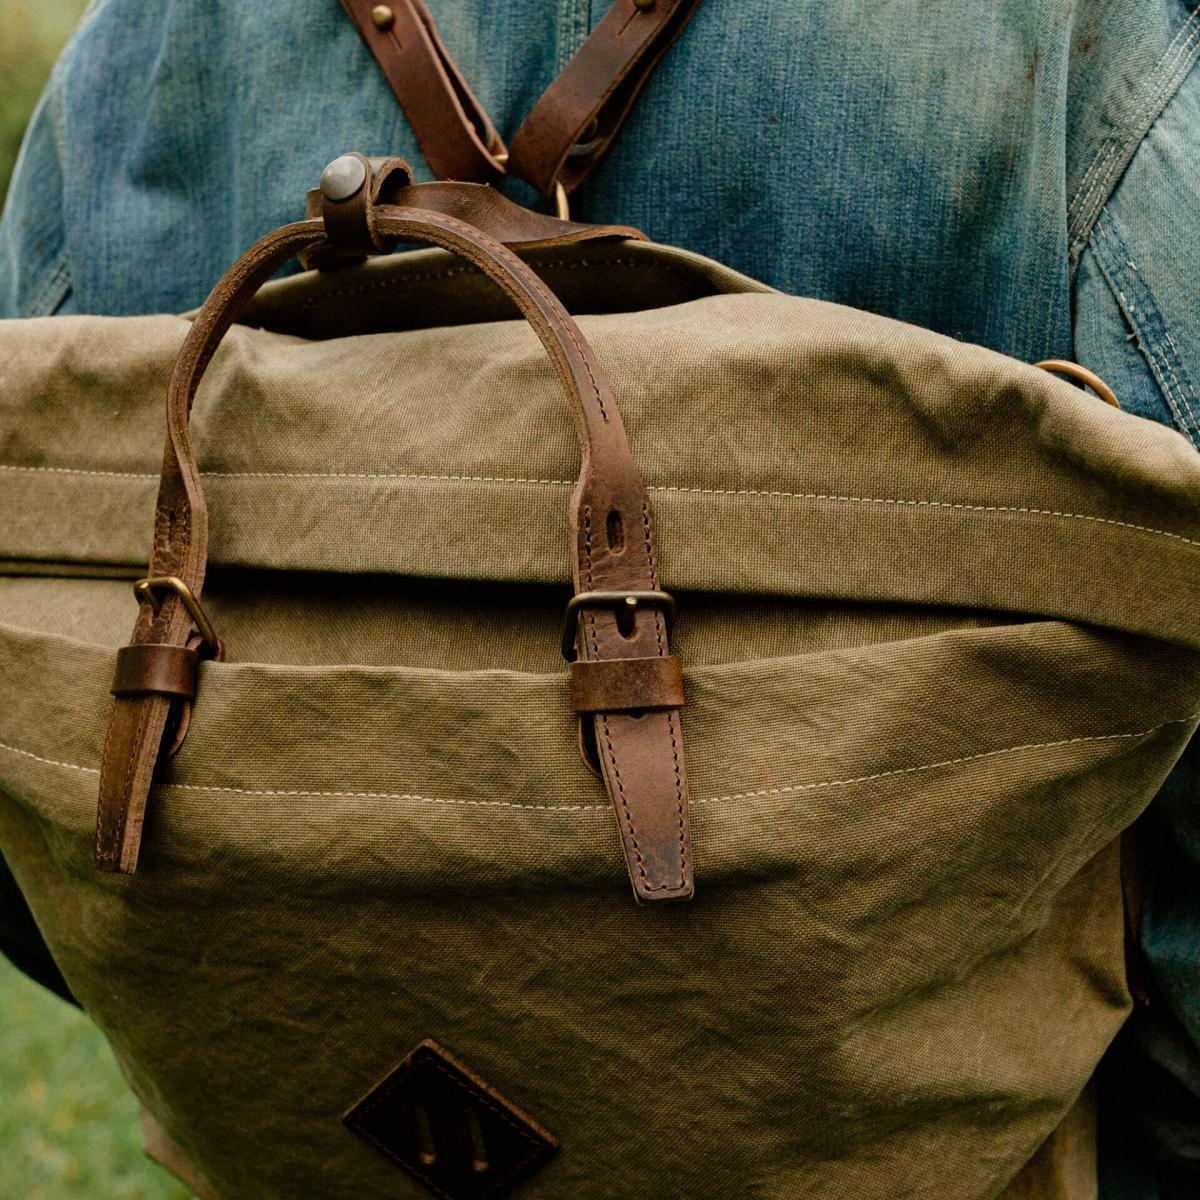 Woody L Backpack - Peacoat Blue (image n°6)